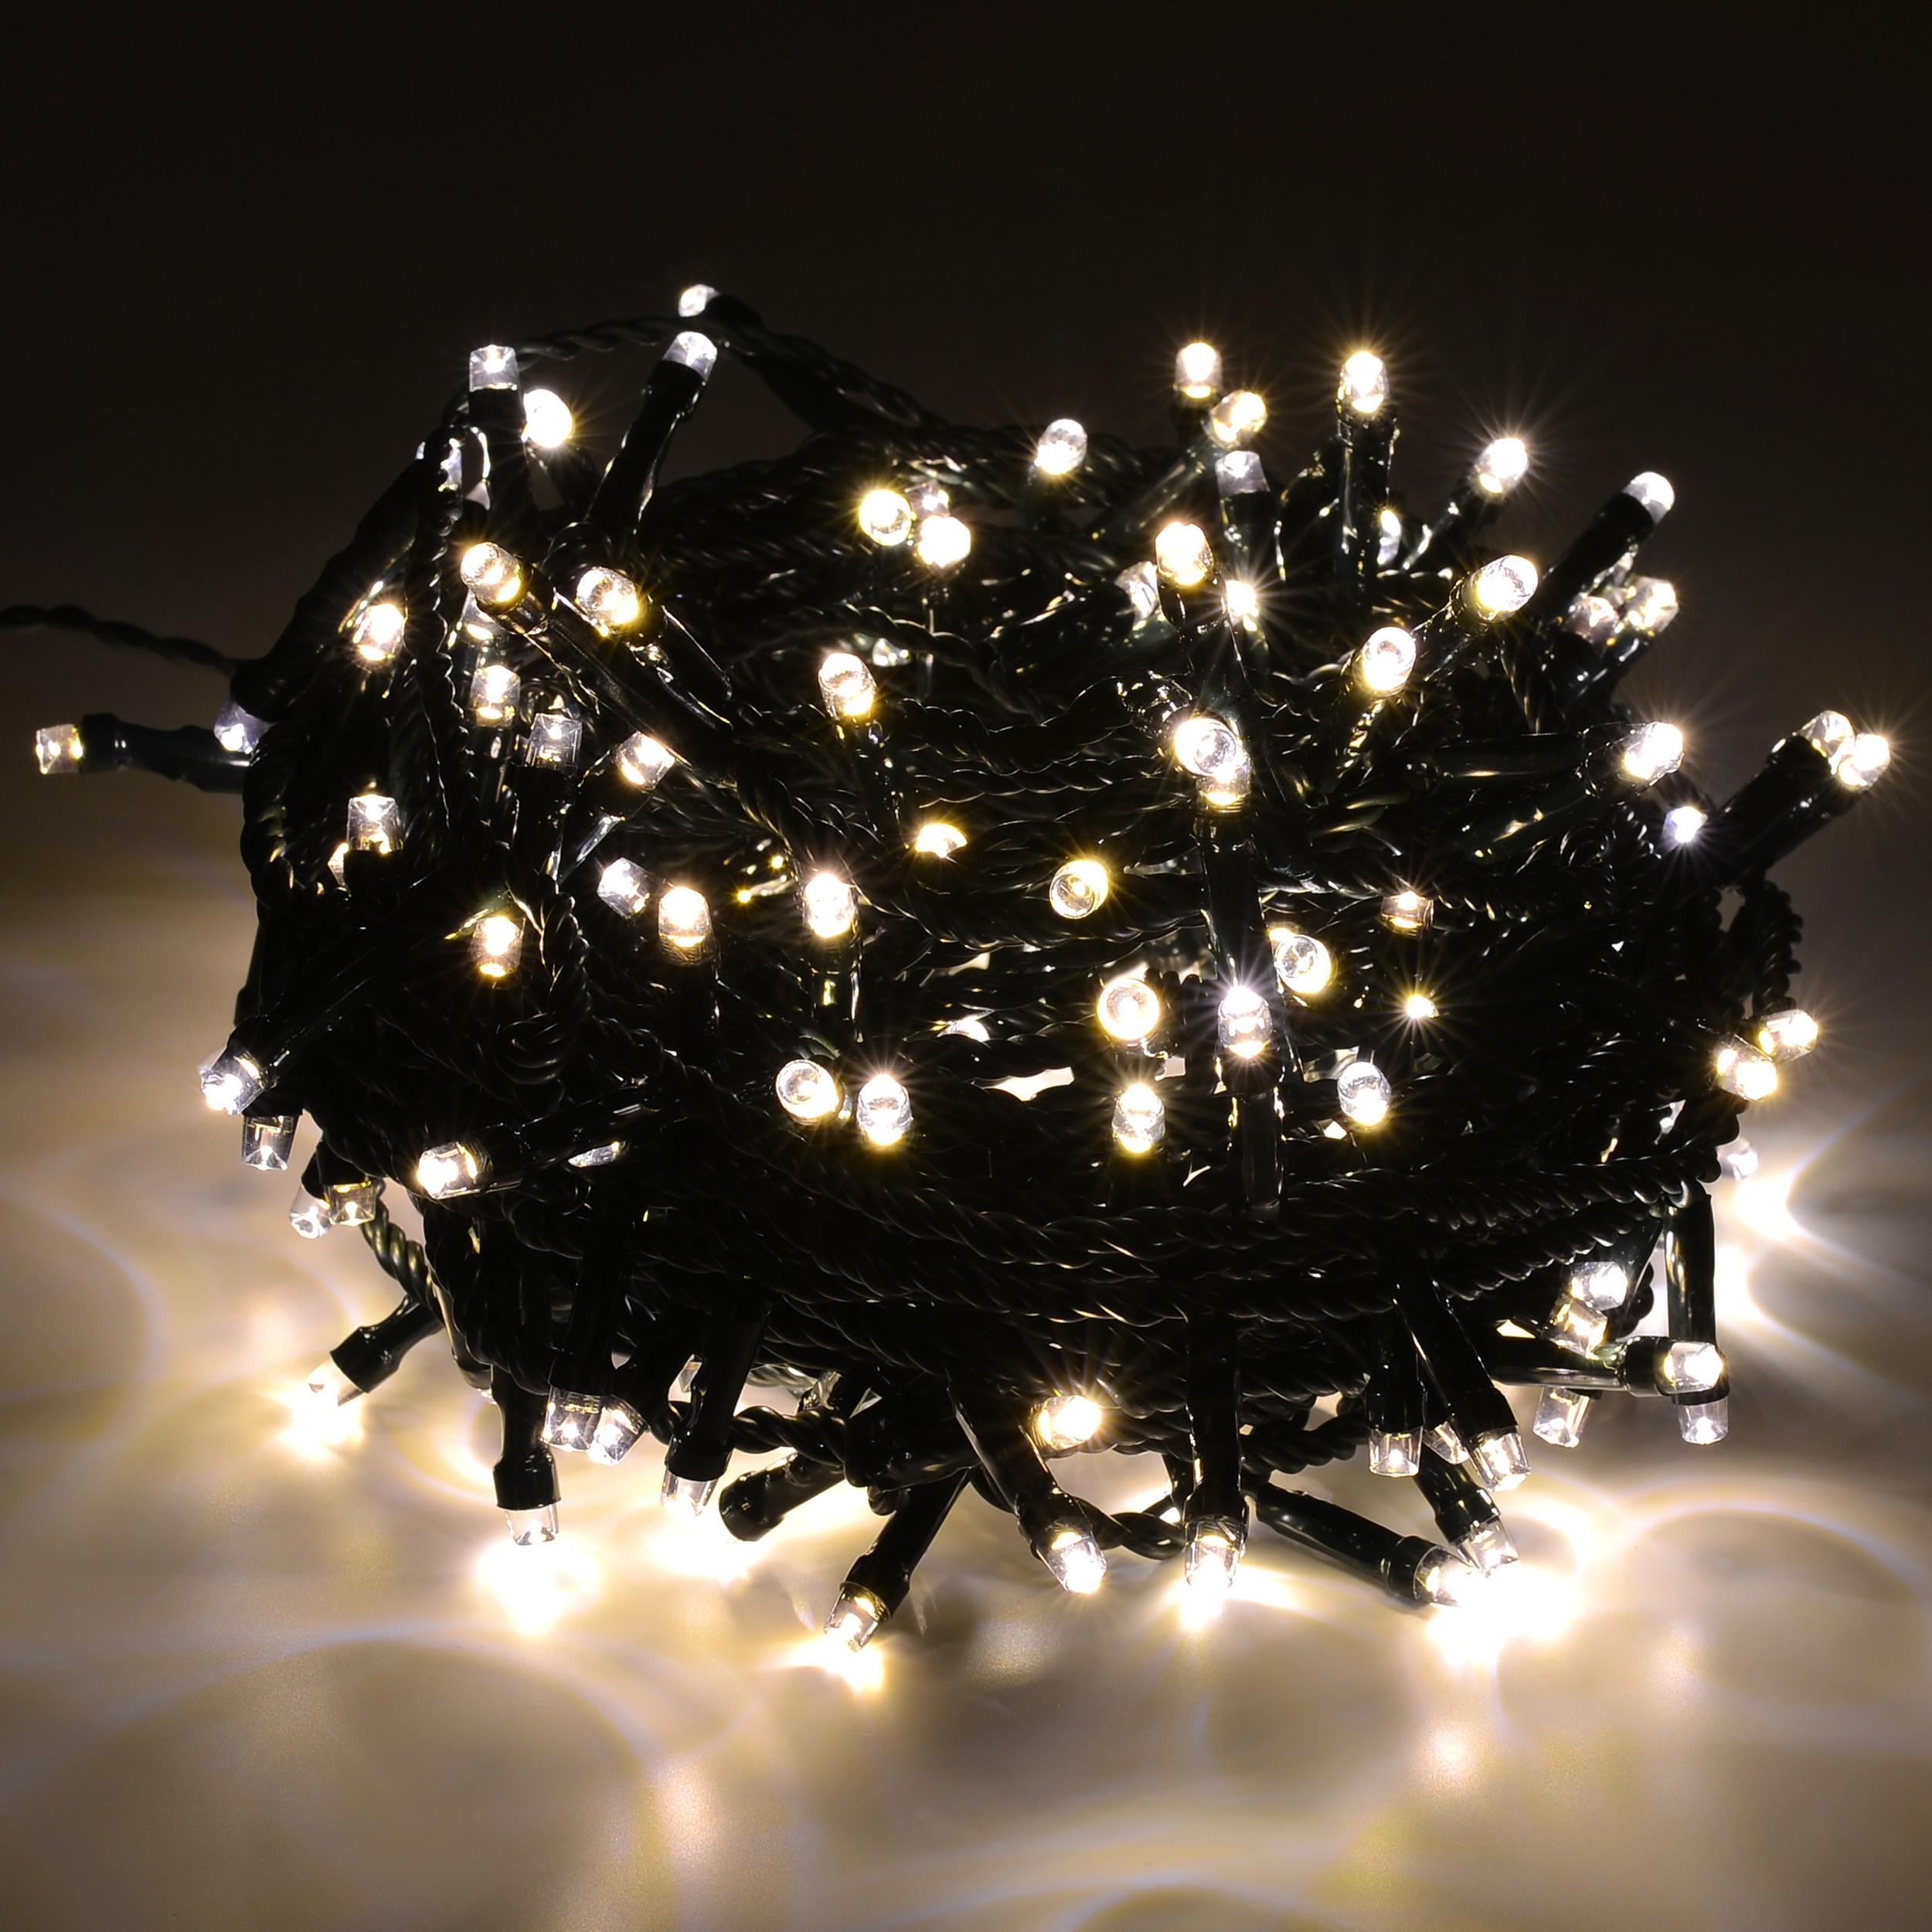 starlight-led-lichterkette-warmweiss-400 Verwunderlich Led Lichterkette 20 Meter Dekorationen